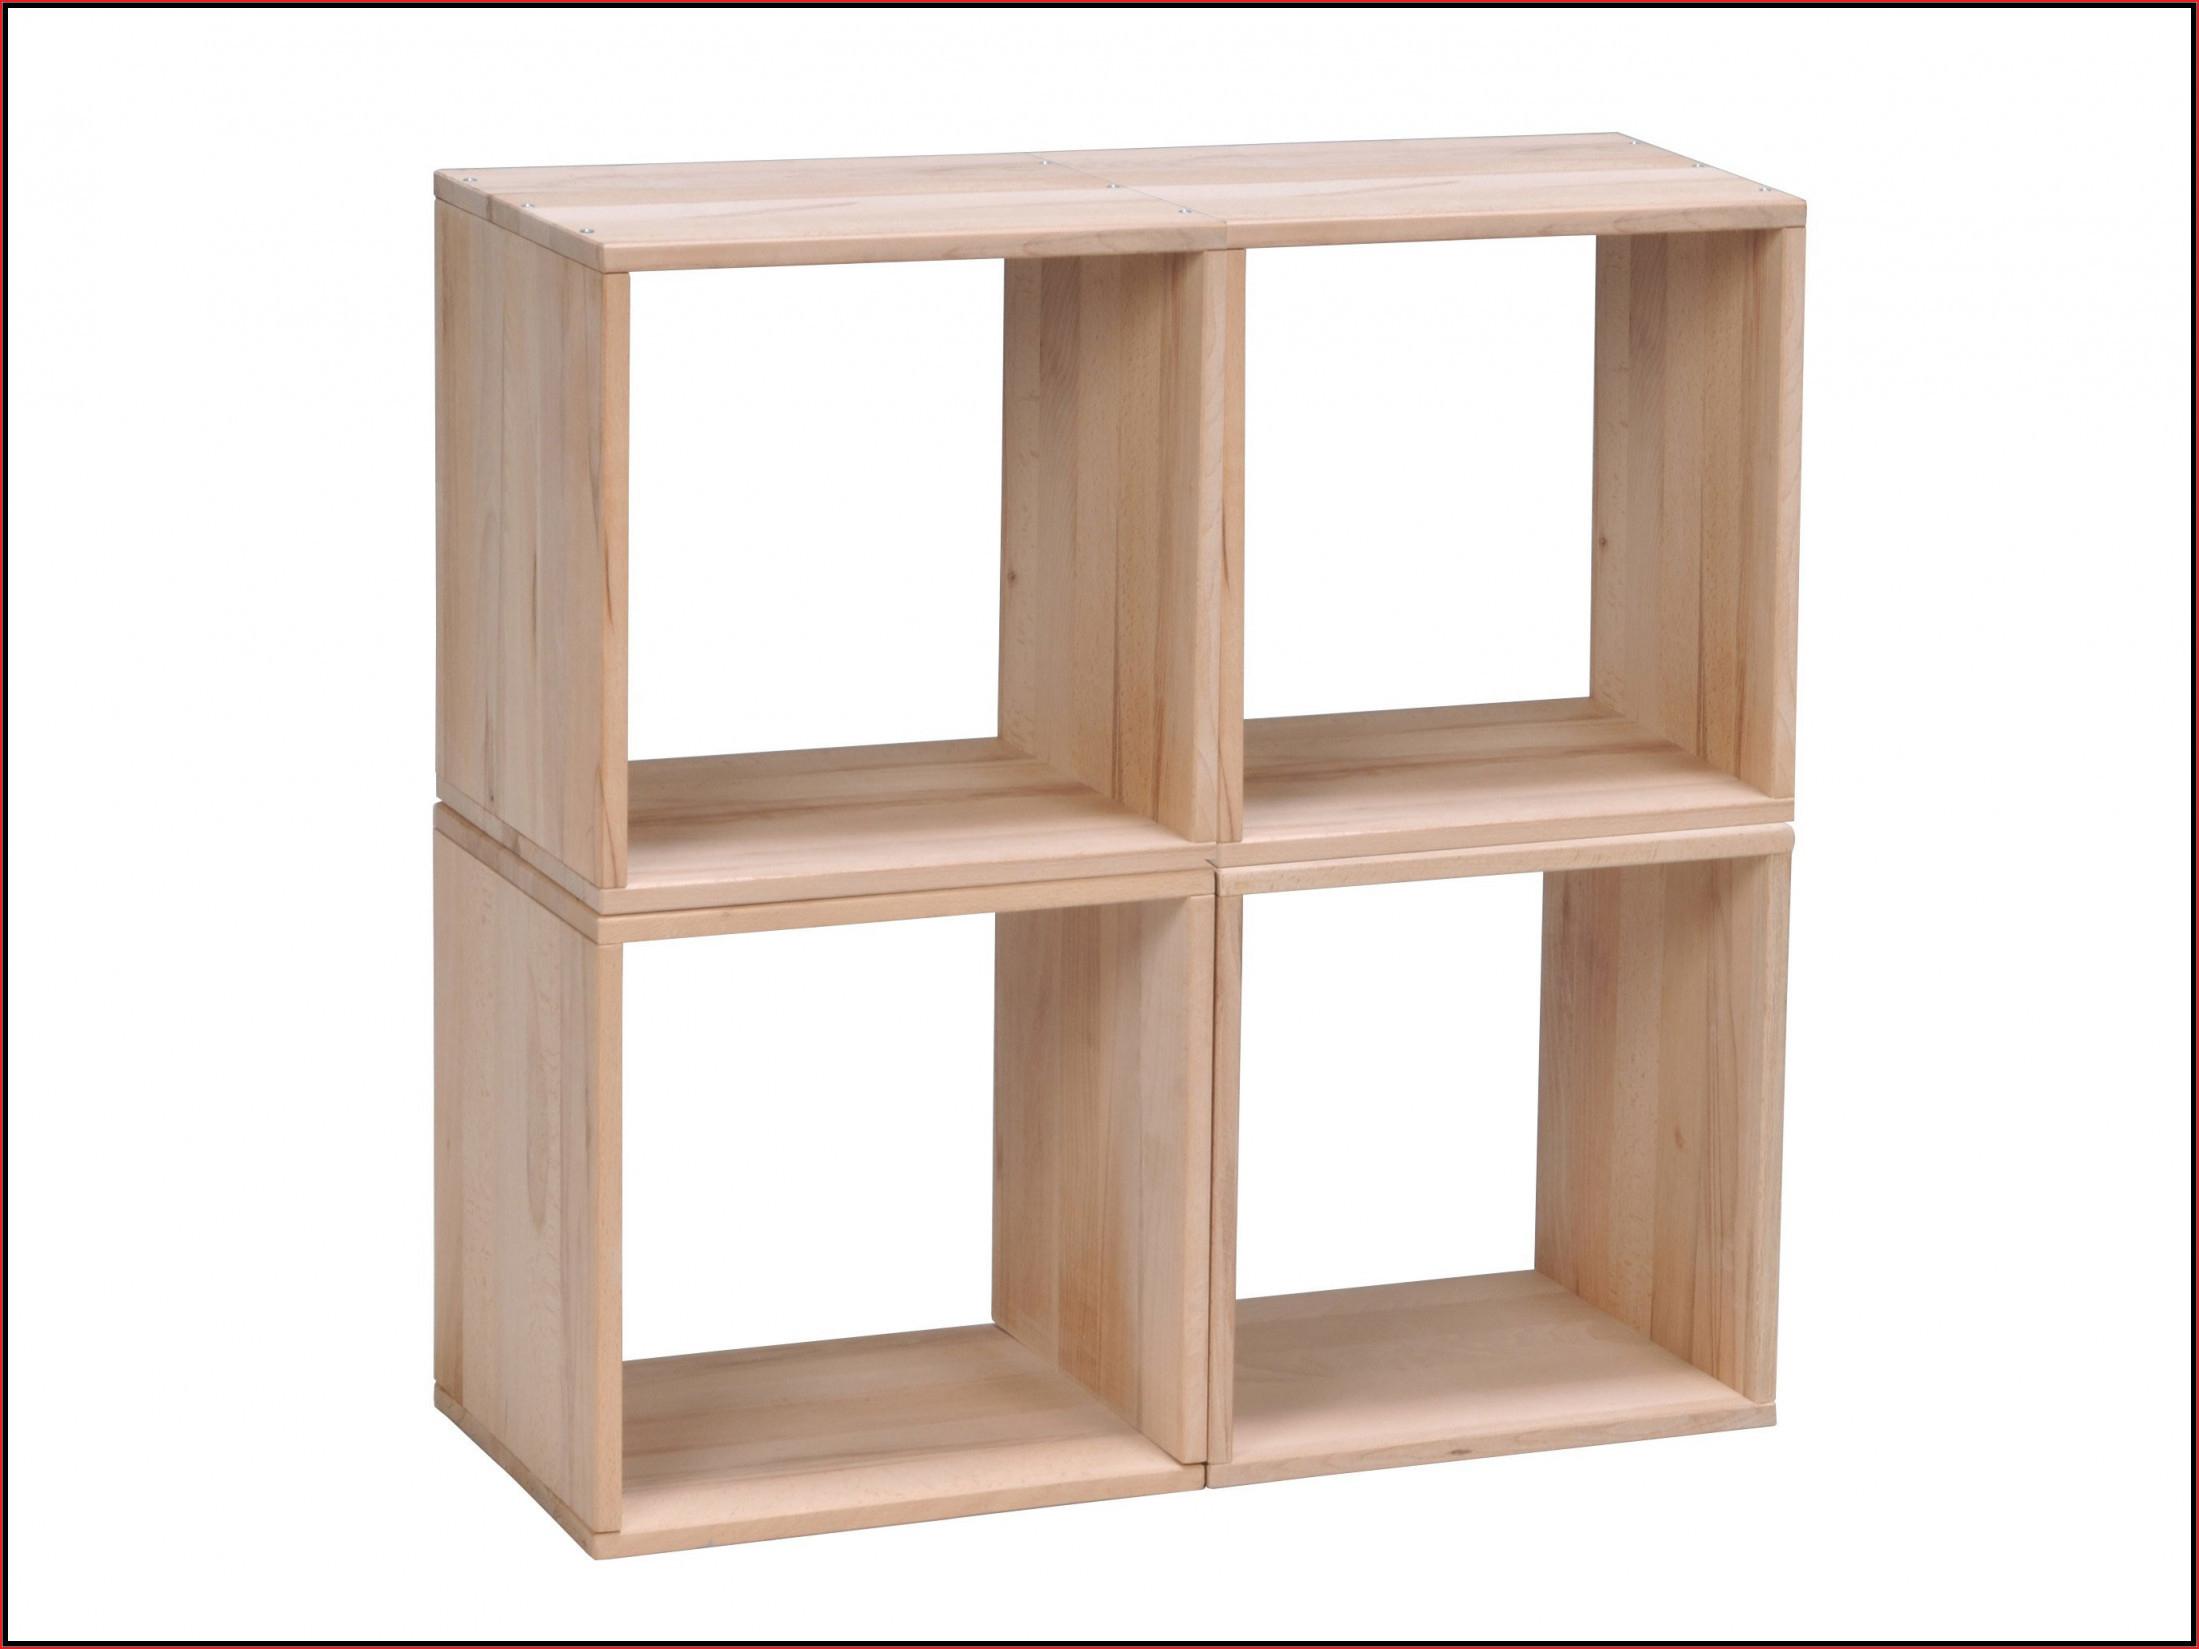 49 Scheme Meuble Cube Blanc Avec Meuble Cube Pas Cher Agencecormierdelauniere Com Agencecormierdelauniere Com